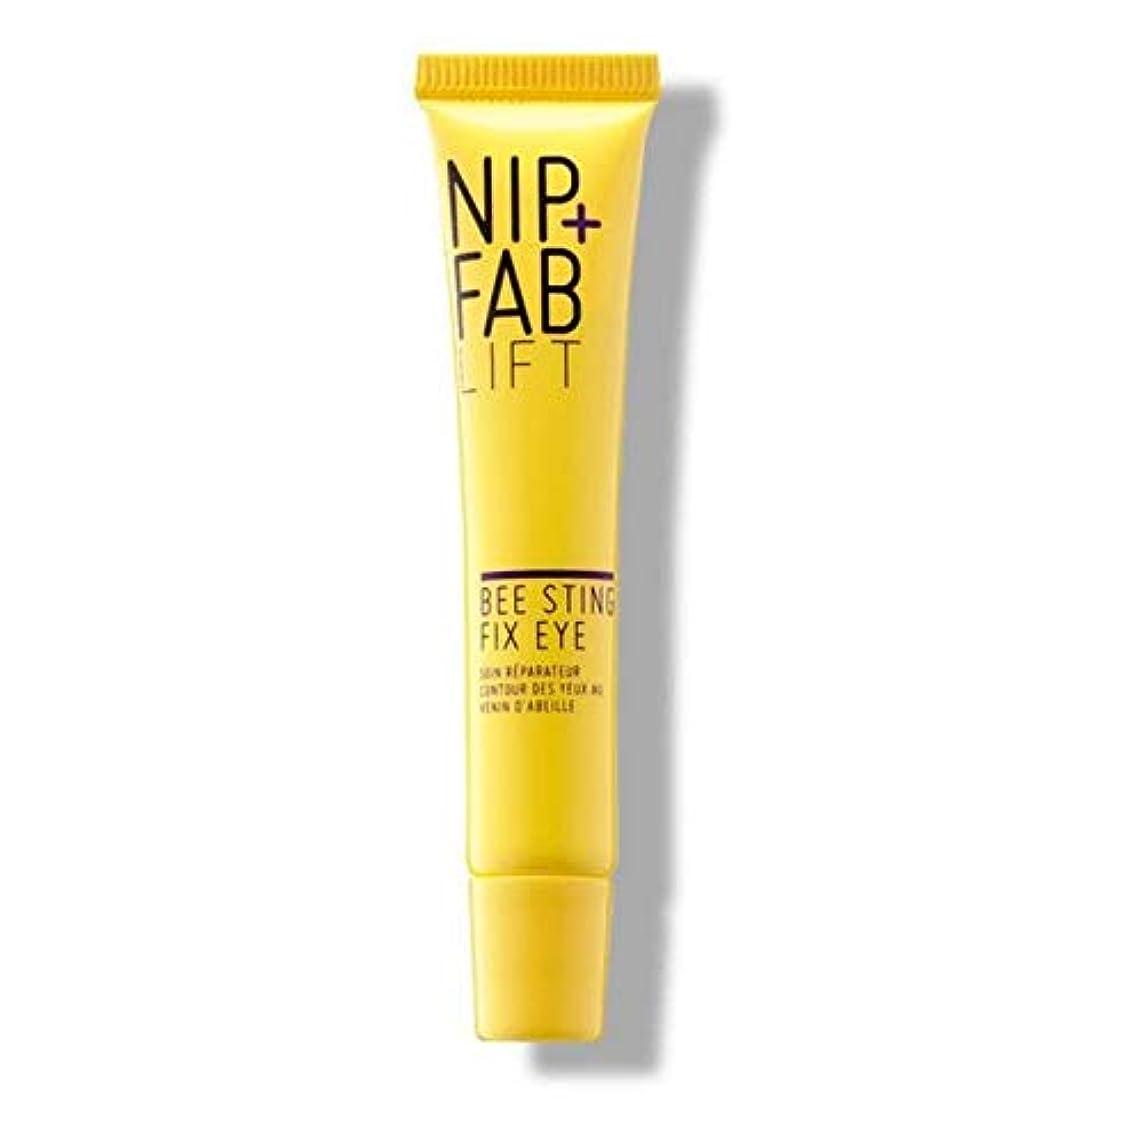 評決助言するどっちでも[Nip & Fab] + Fab蜂刺傷修正アイクリーム15Mlニップ - Nip+Fab Bee Sting Fix Eye Cream 15ml [並行輸入品]